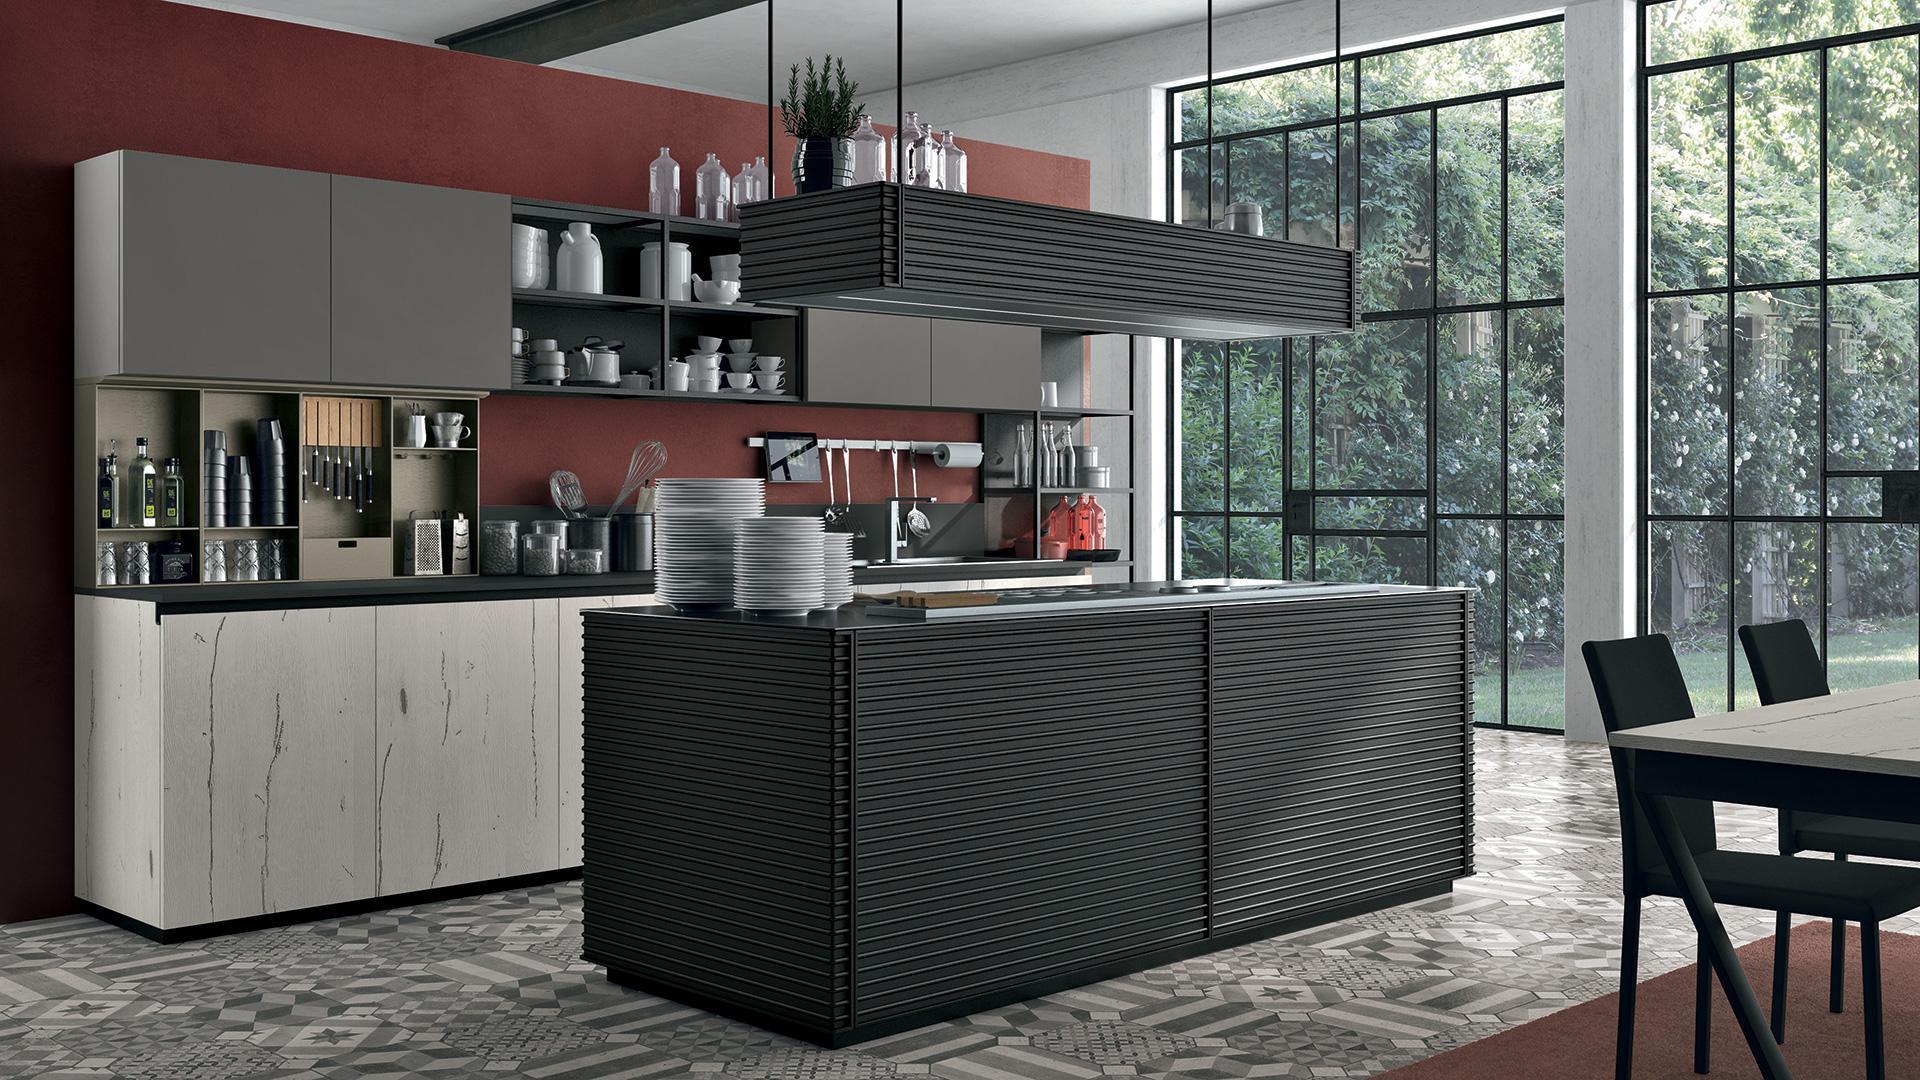 Lube oltre mobilia group divani cucine e camerette for Mobilia cucine